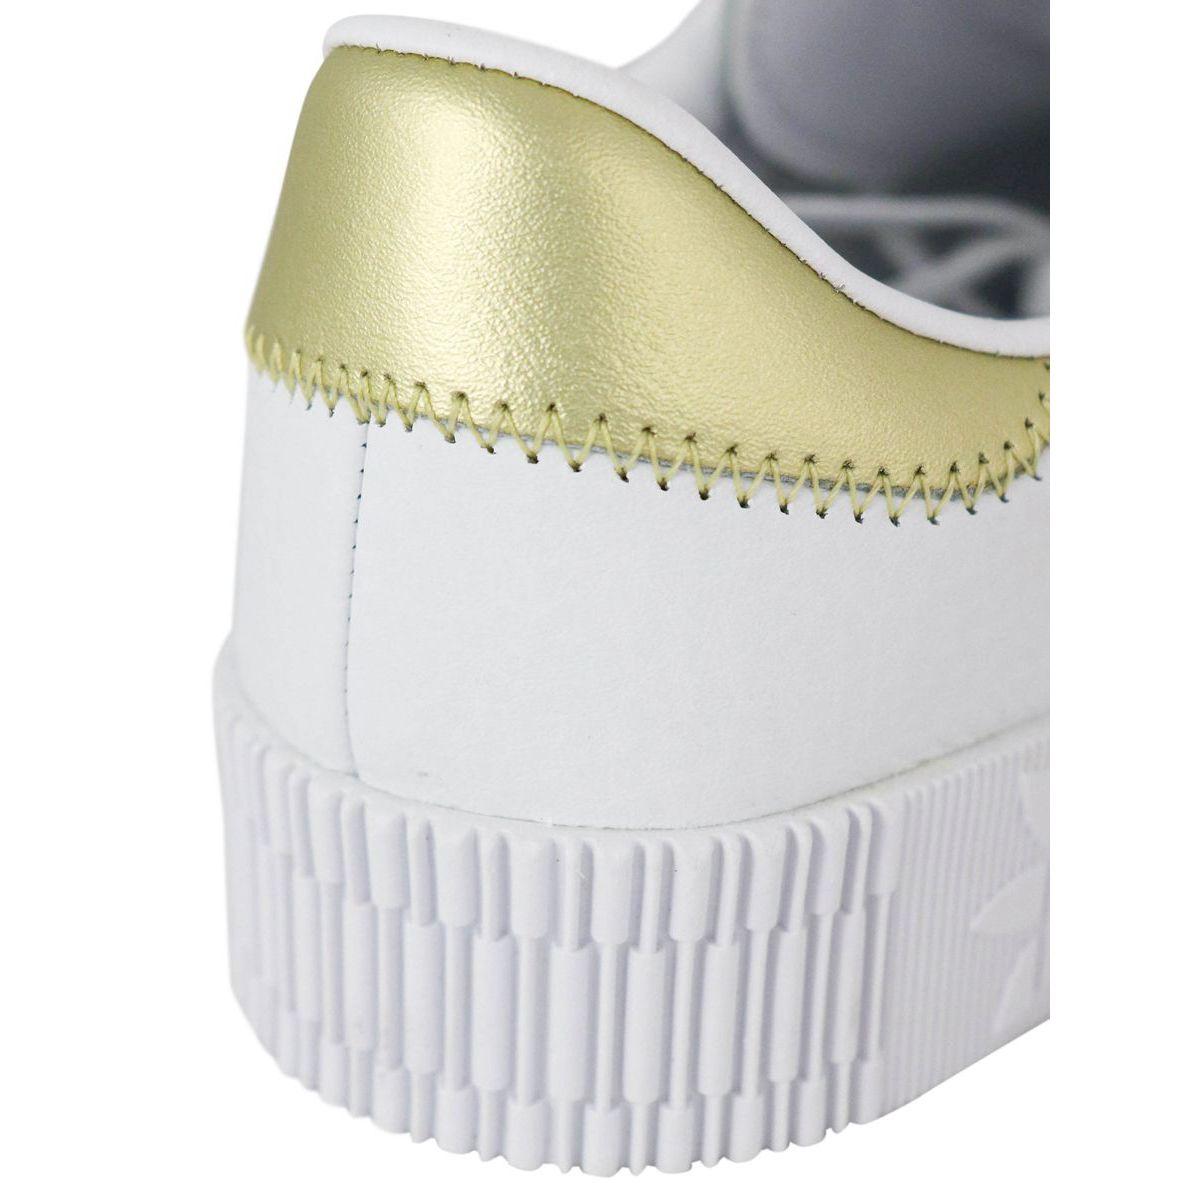 Sneakers EE4681 SAMBAROSE White / gold Adidas